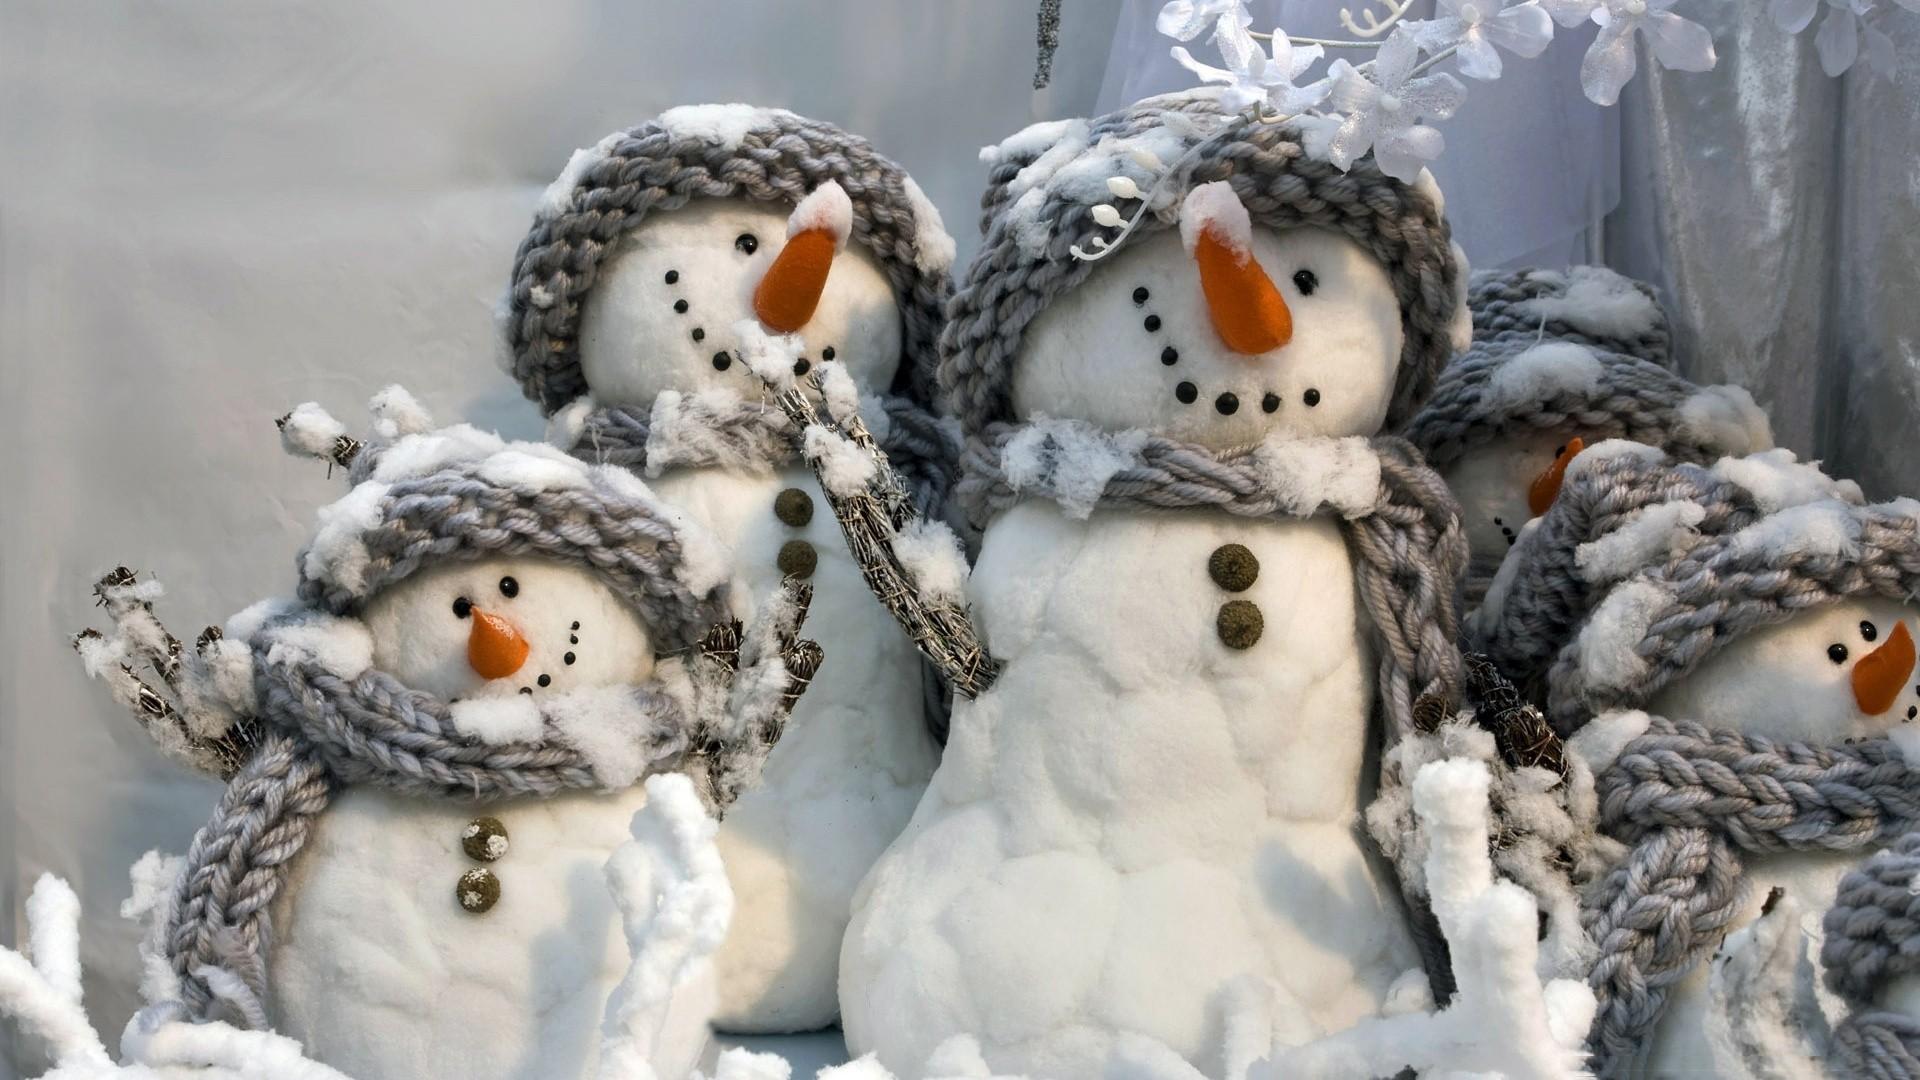 Snowman PC Wallpaper HD